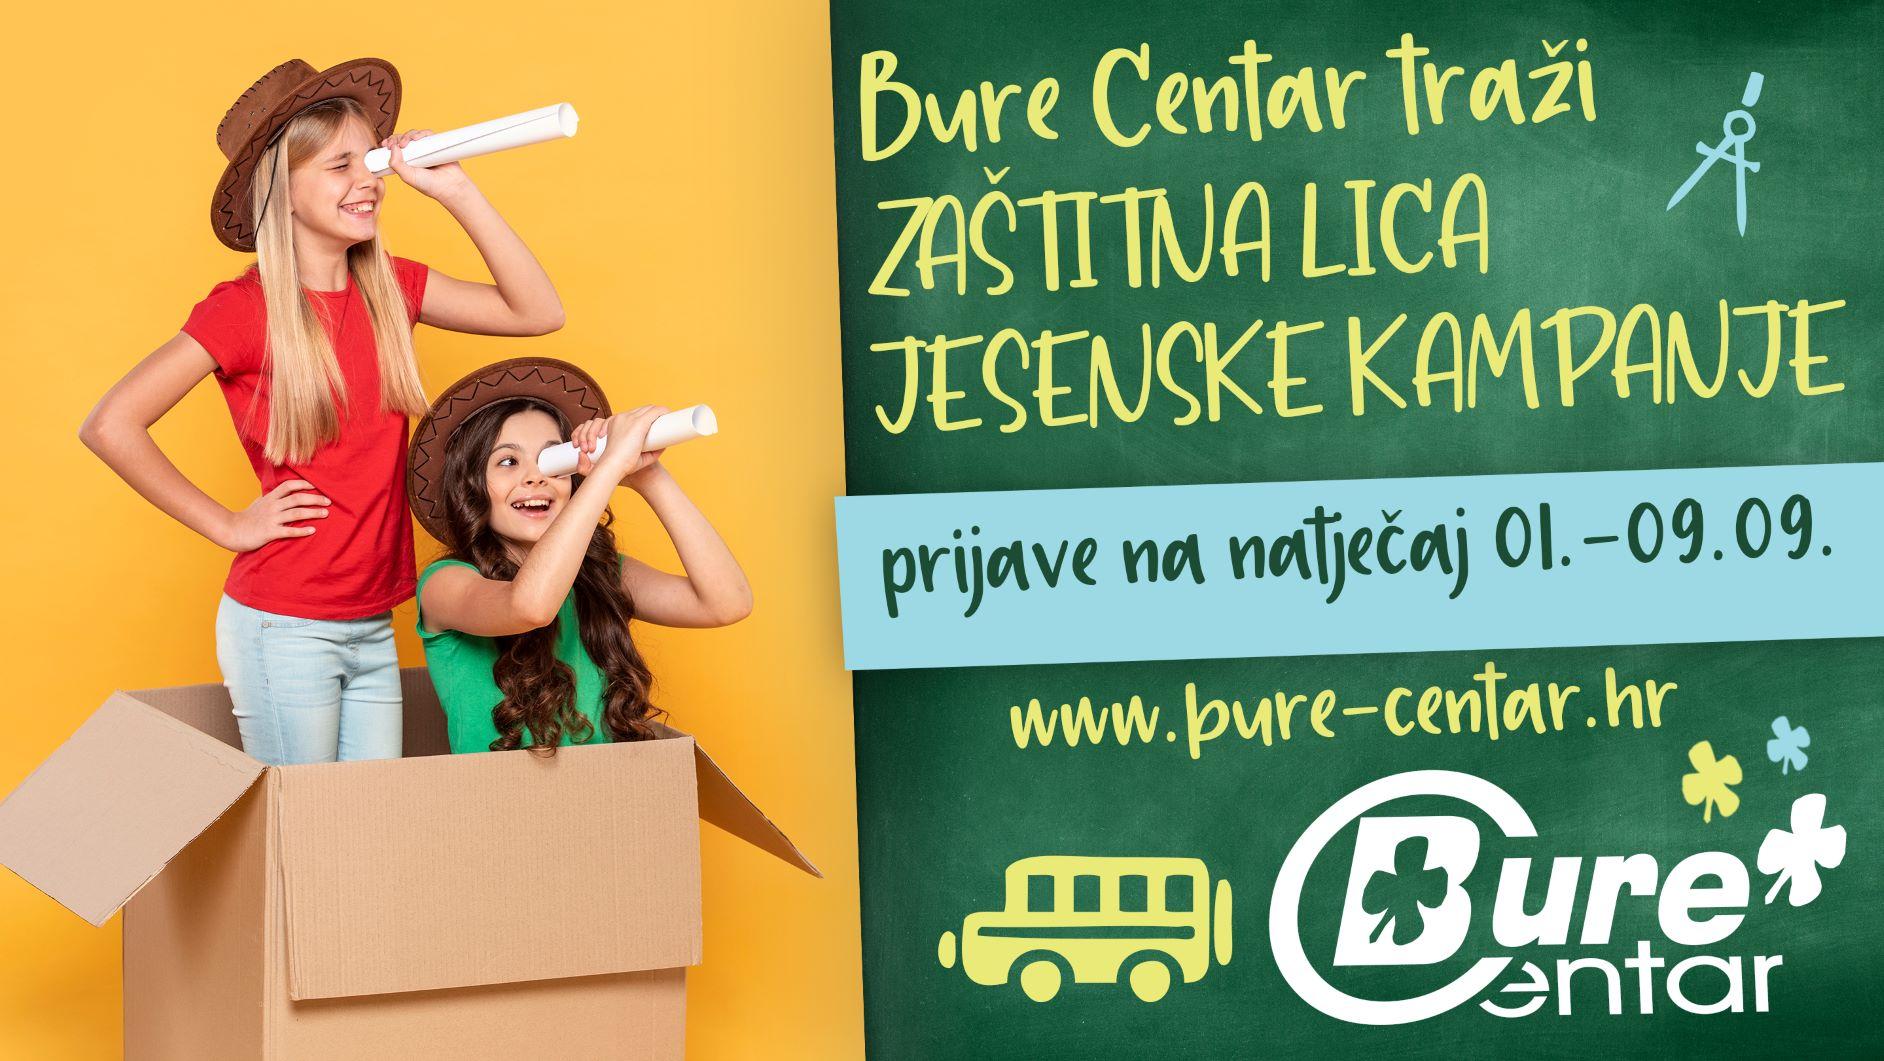 Veliki natječaj za zaštitna lica jesenske kampanje Bure Centra